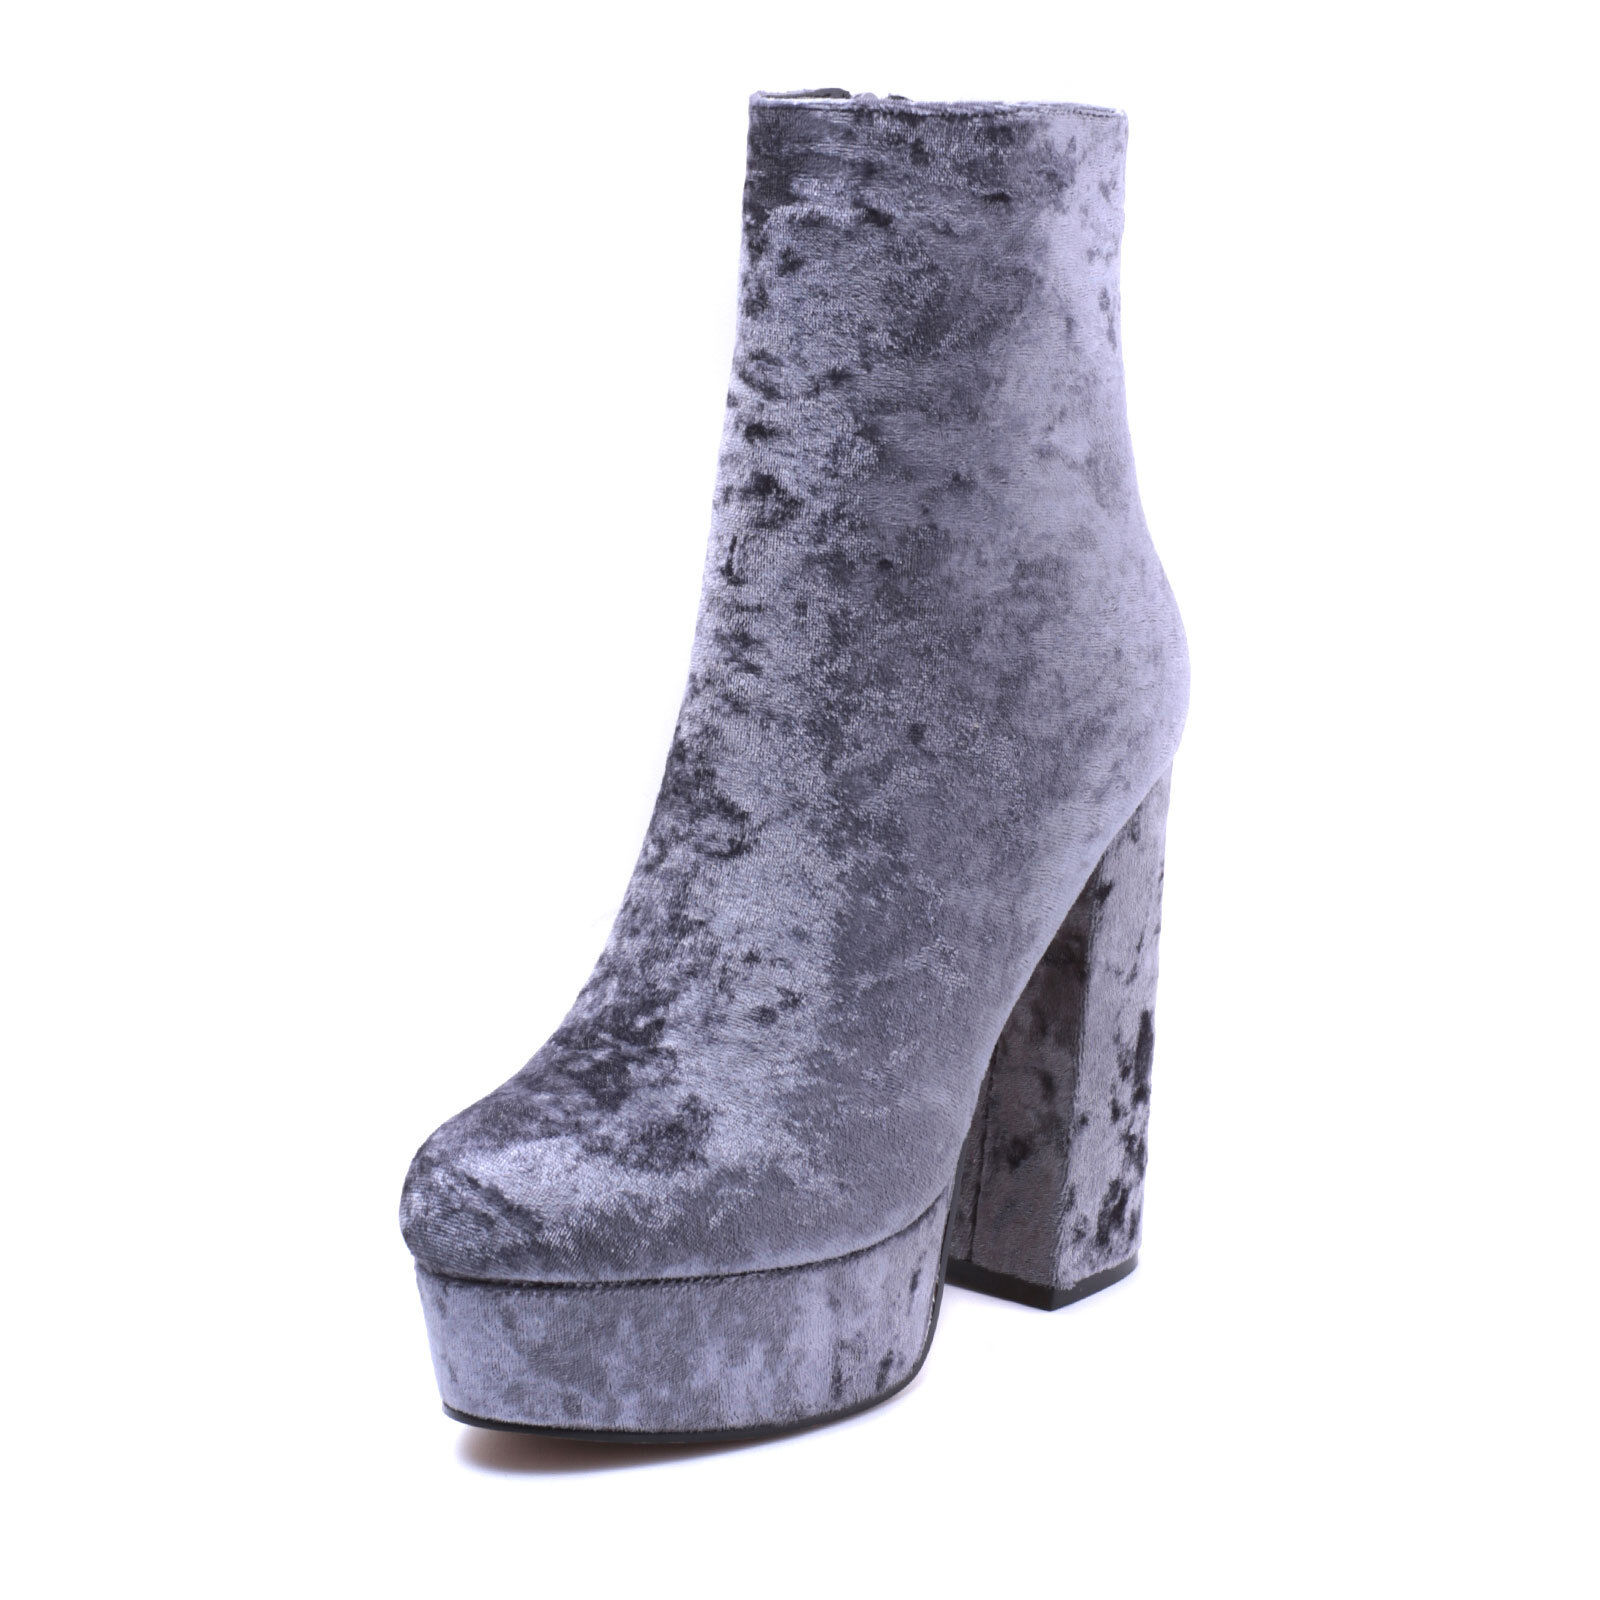 zapatos mujer Stivaletti Ankle botas tronchetto Tacco Alto 13 velluto velluto velluto moda jl-a20  preferente